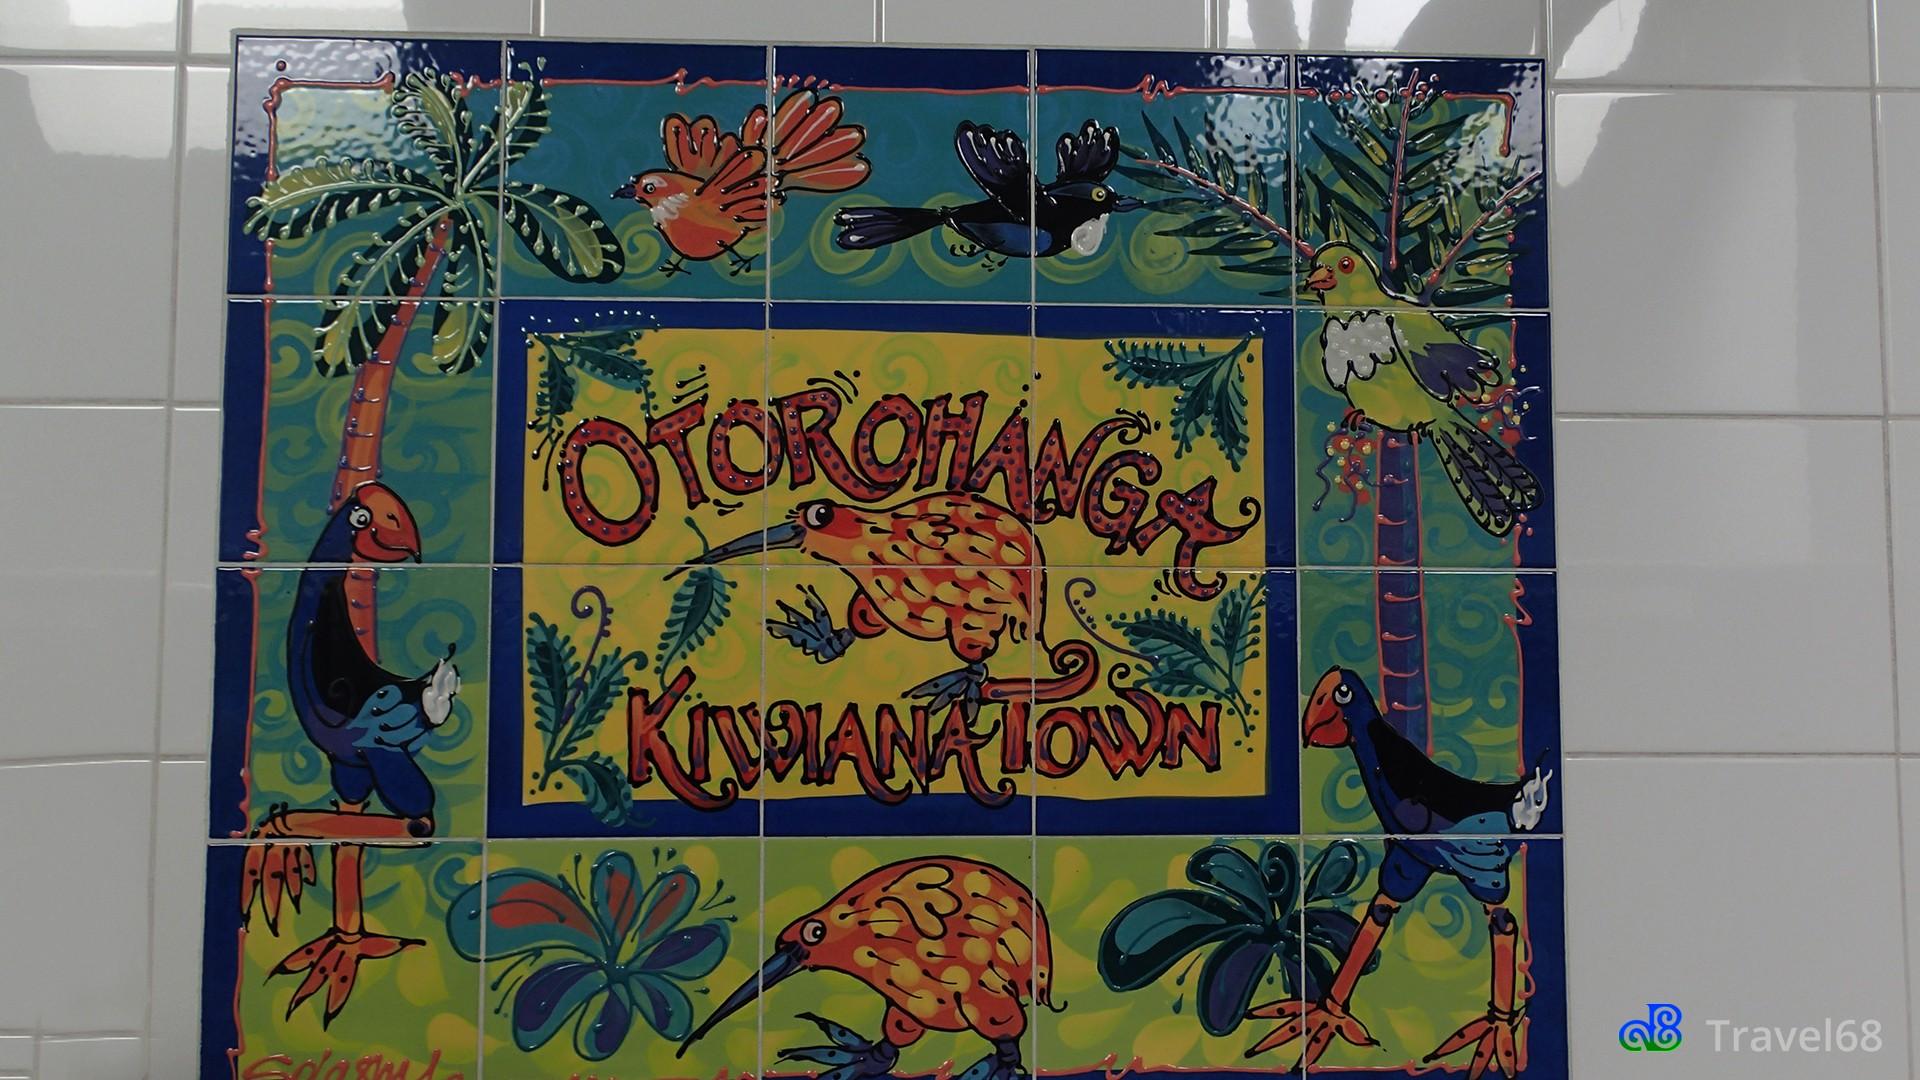 We zijn in Otororanga